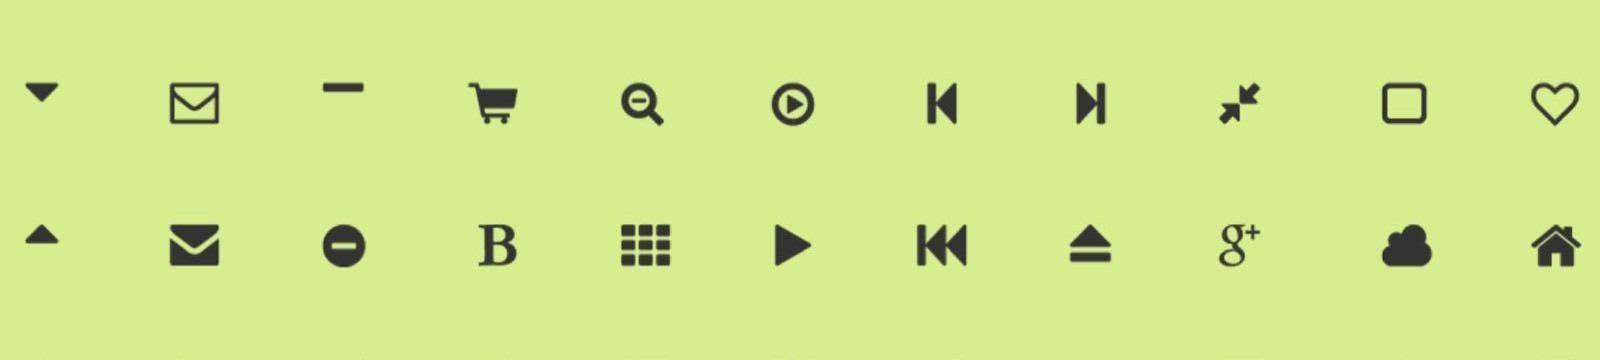 Sonderzeichen und Icon Fonts